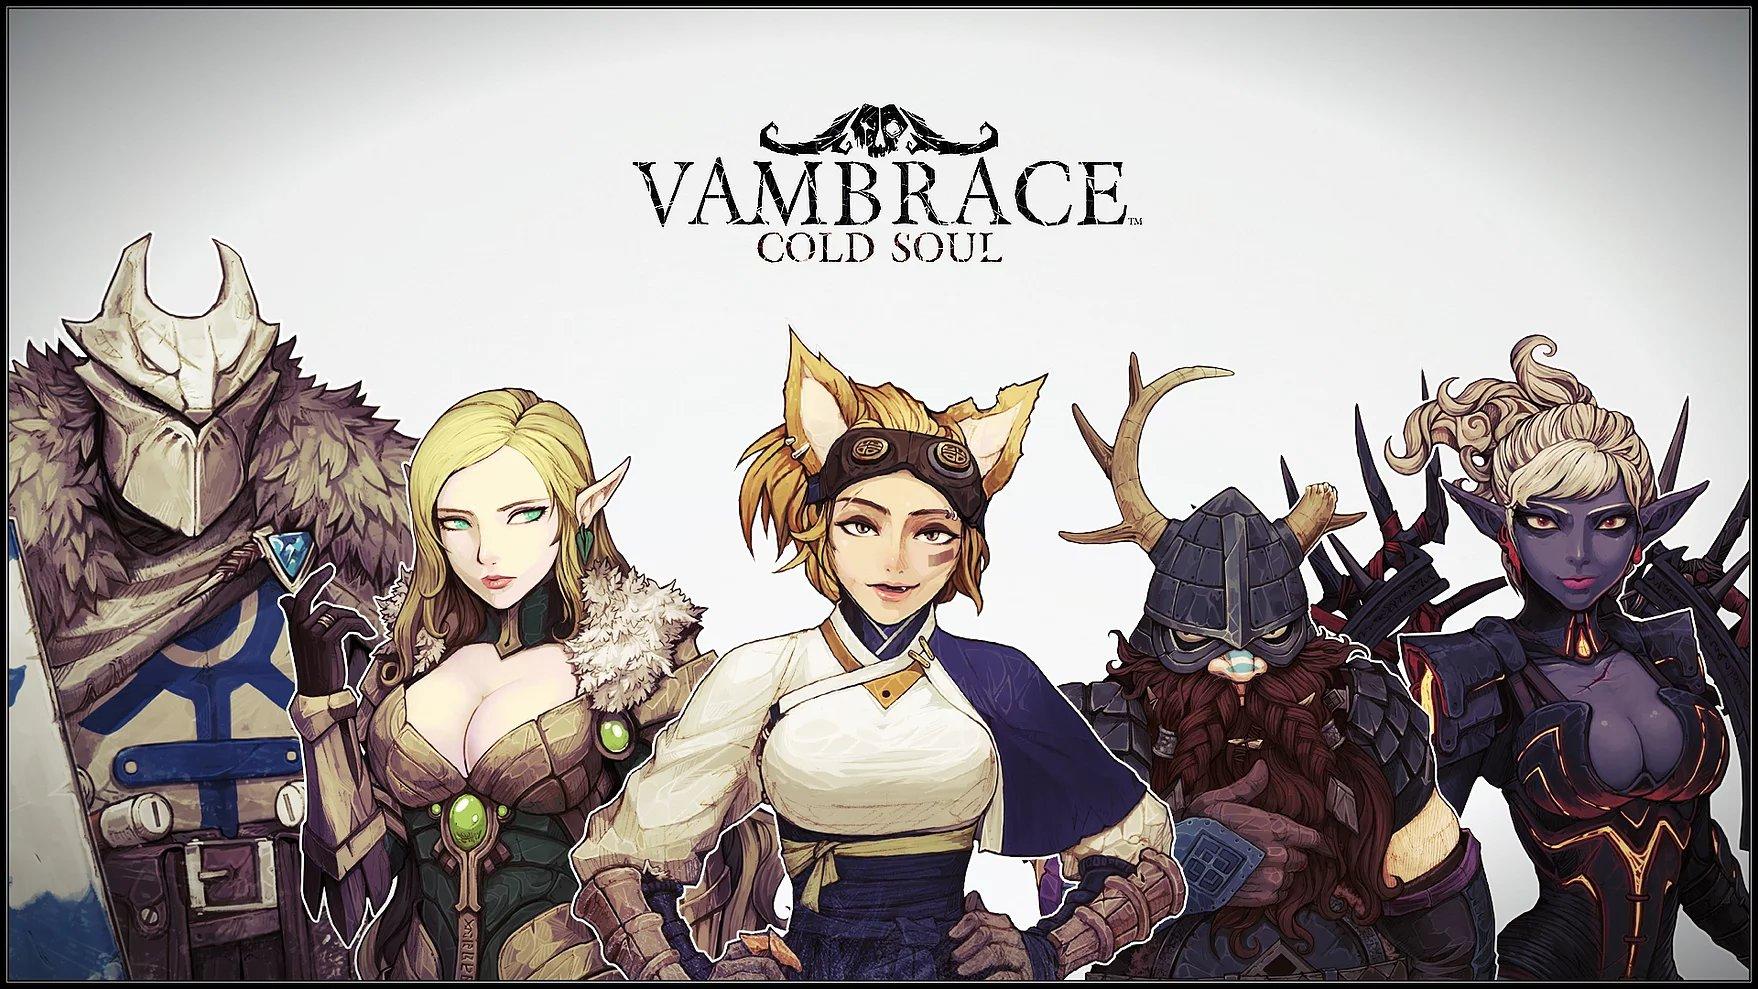 Futuro jogo de Switch, Vambrance: Could Soul foi anunciado